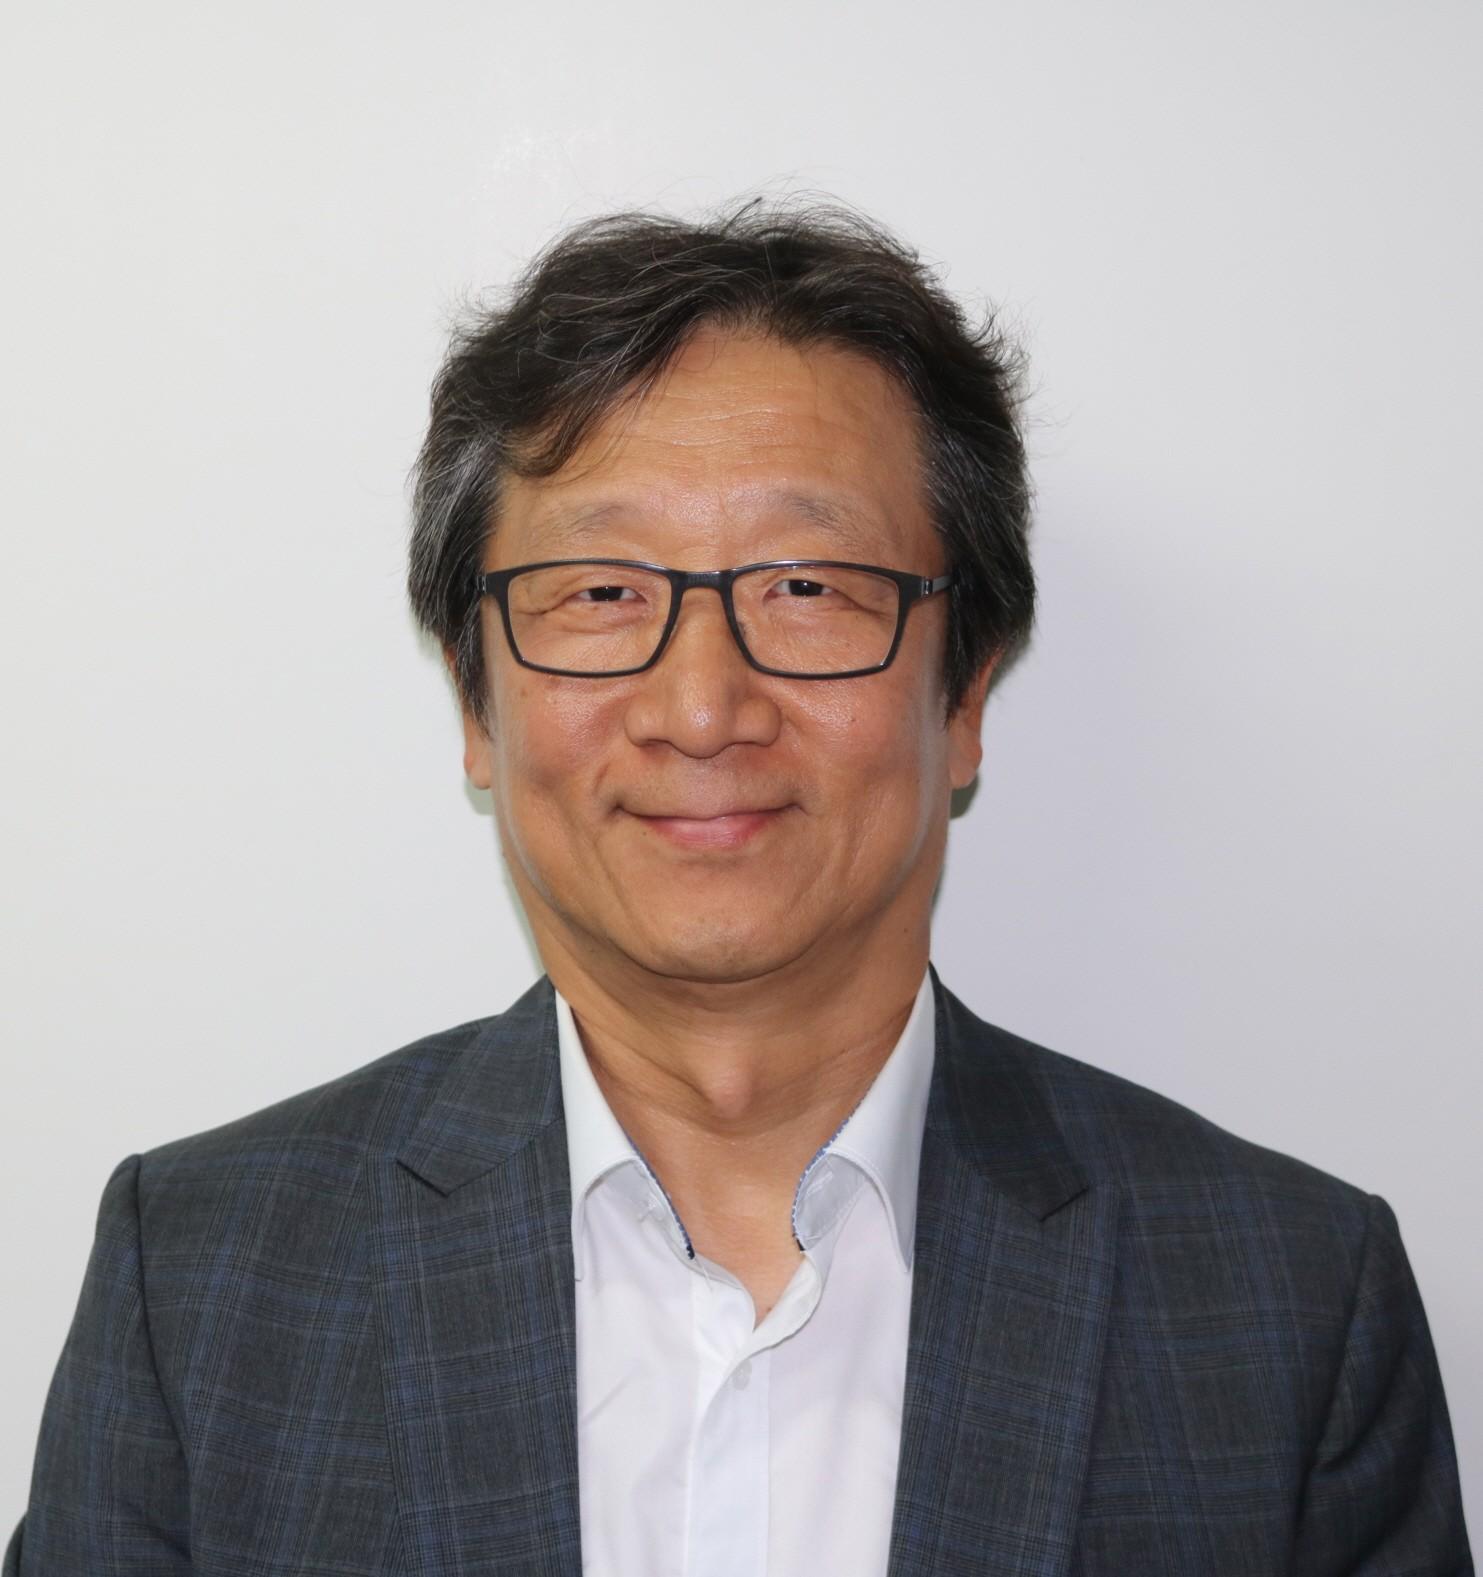 서울아산병원 종양내과 강윤구 교수